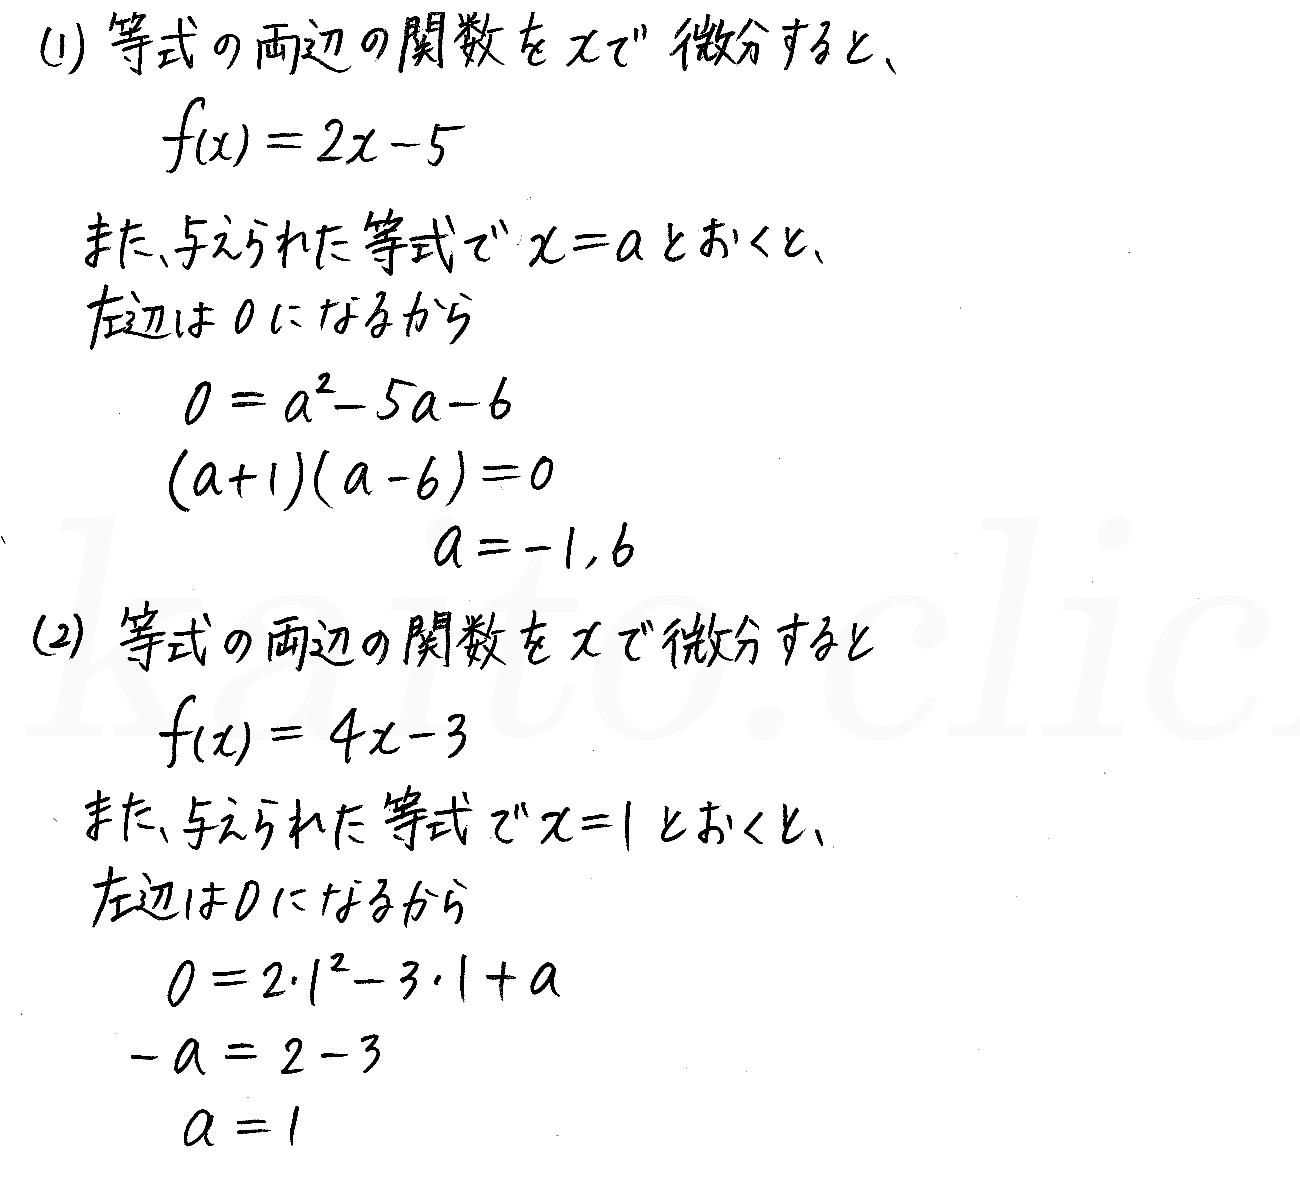 クリアー数学2-465解答